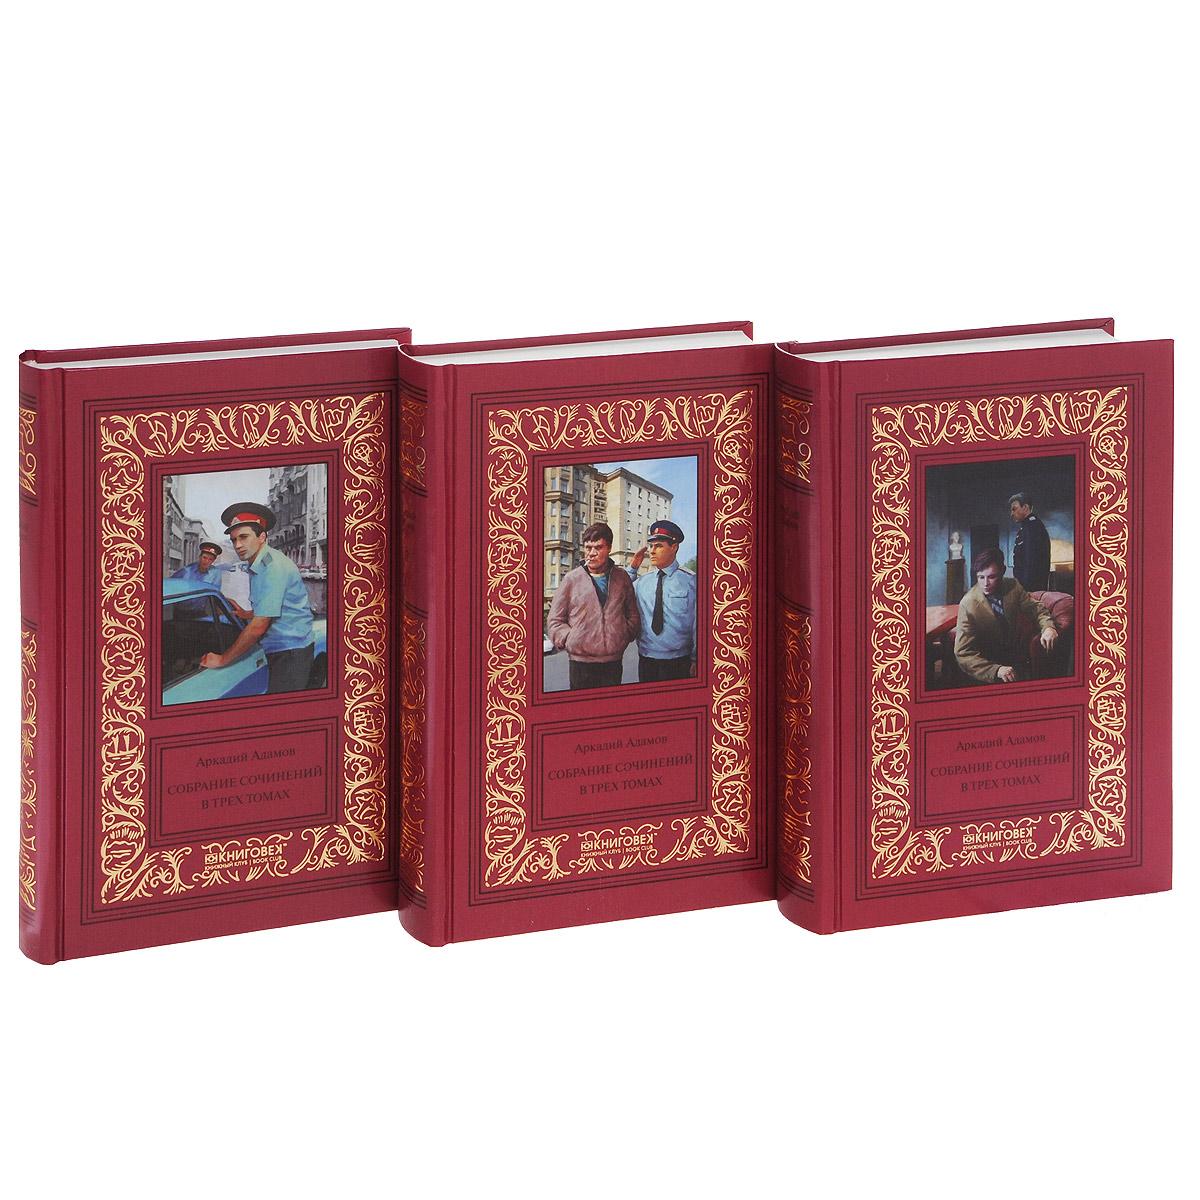 Аркадий Адамов. Собрание сочинений в 3 томах (комплект)